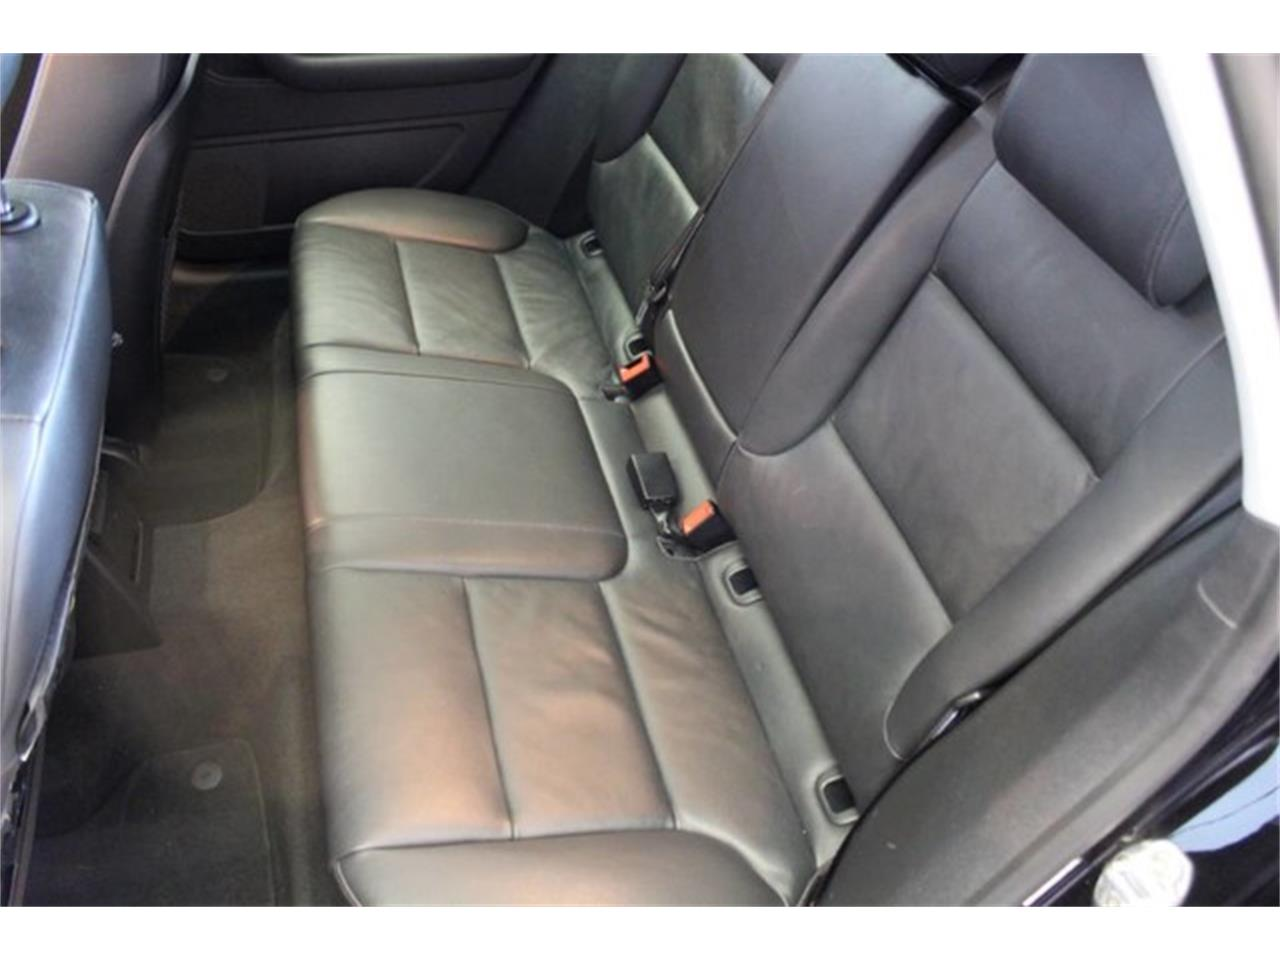 2011 Audi A3 (CC-1263749) for sale in Anaheim, California